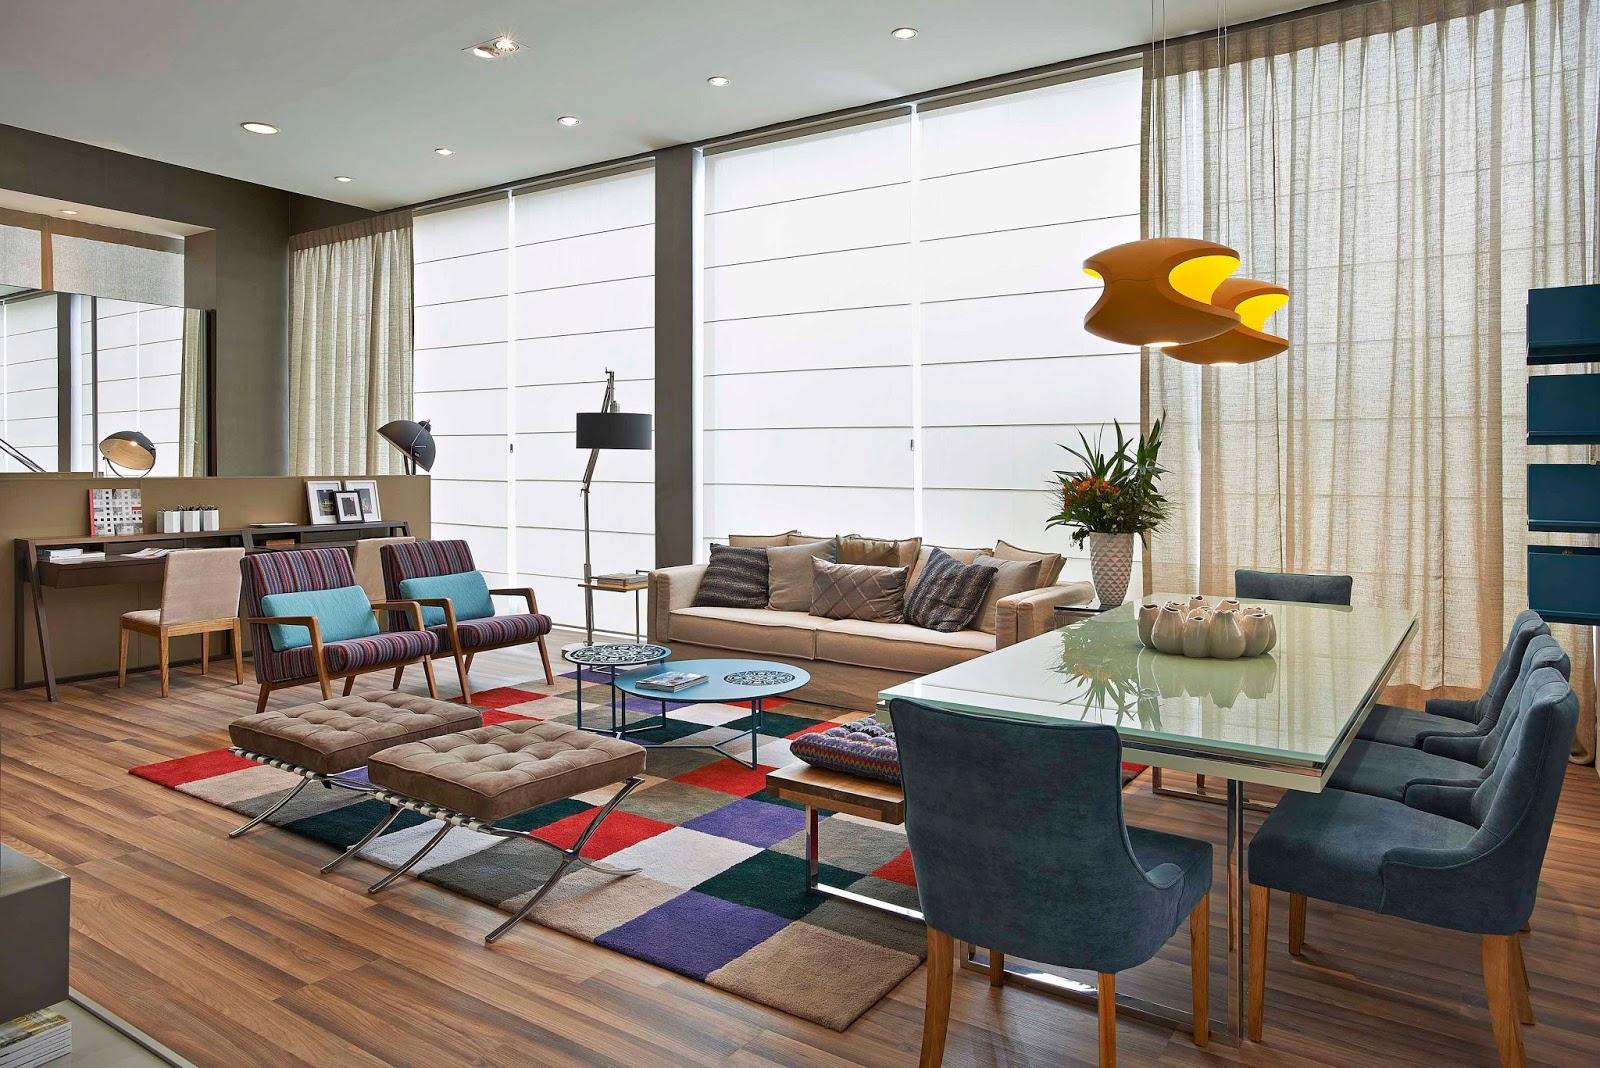 decoracao de sala jovem: totalmente integrado para o casal jovem contemporâneo com o estilo de